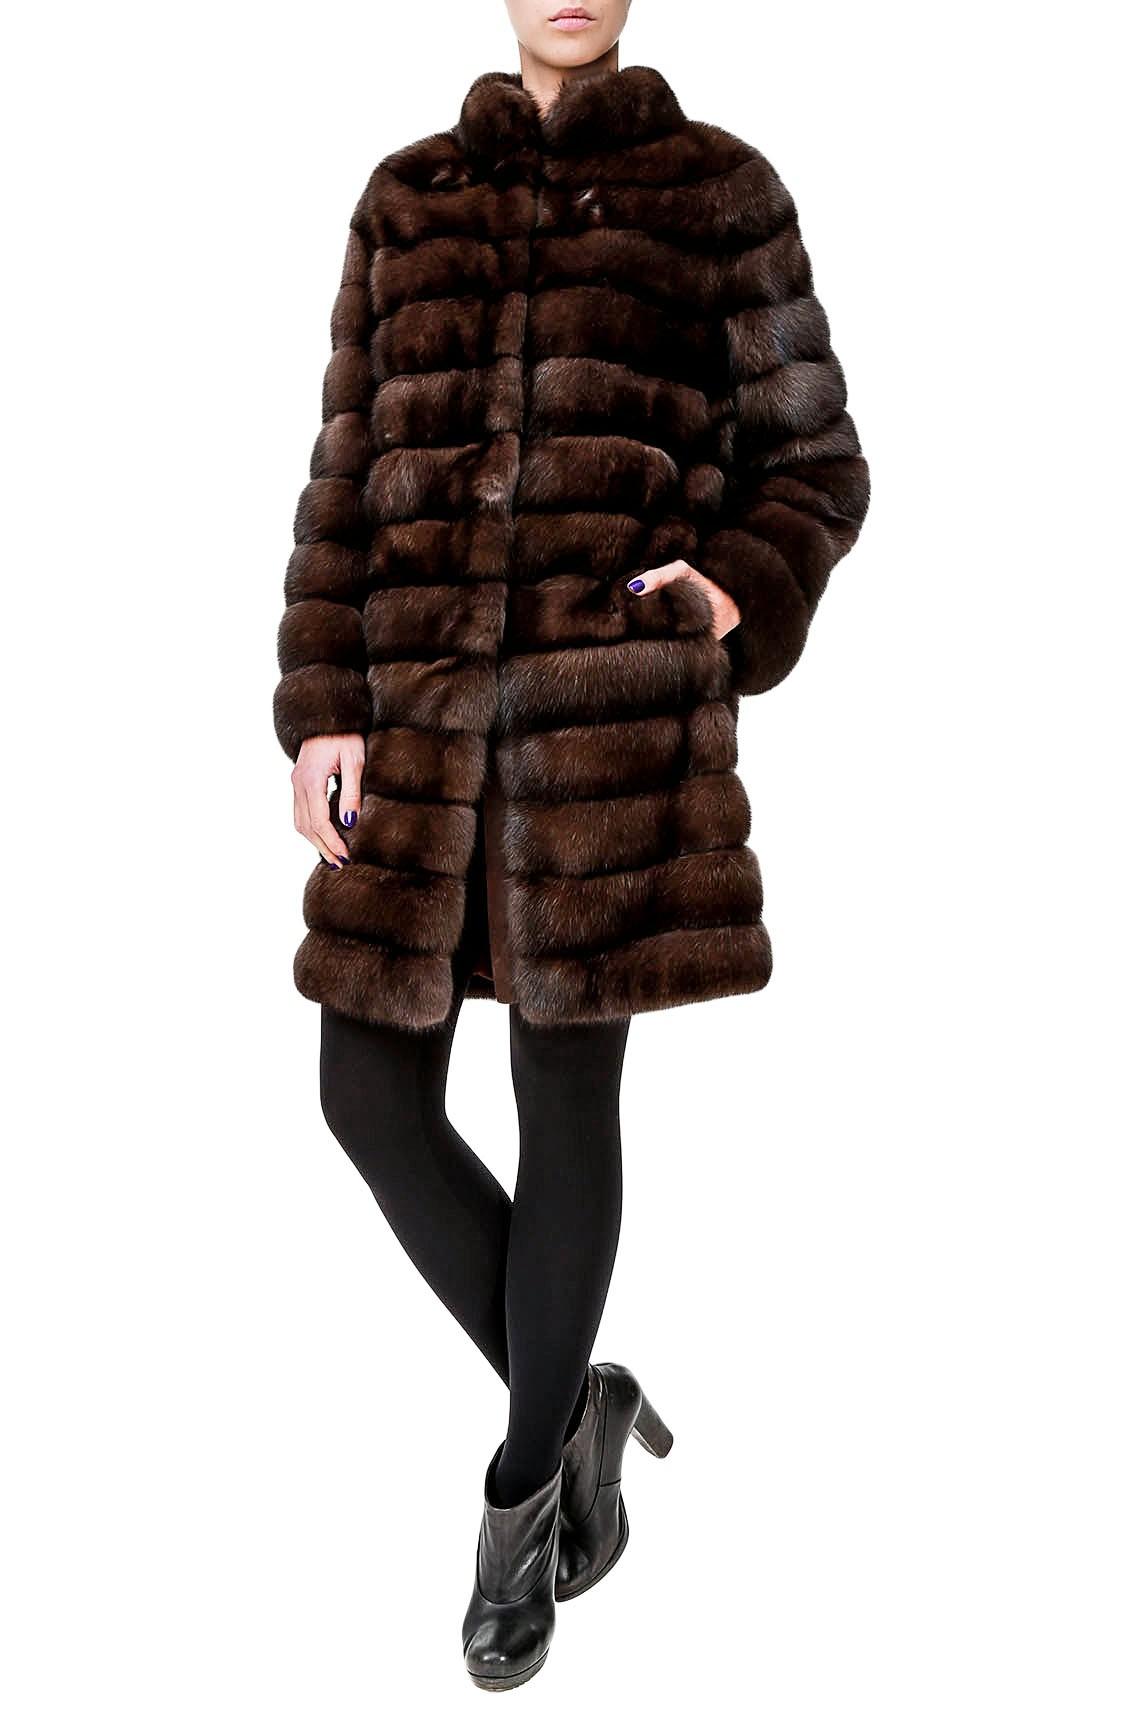 Итальянское пальто из меха соболя от Antonie Didone